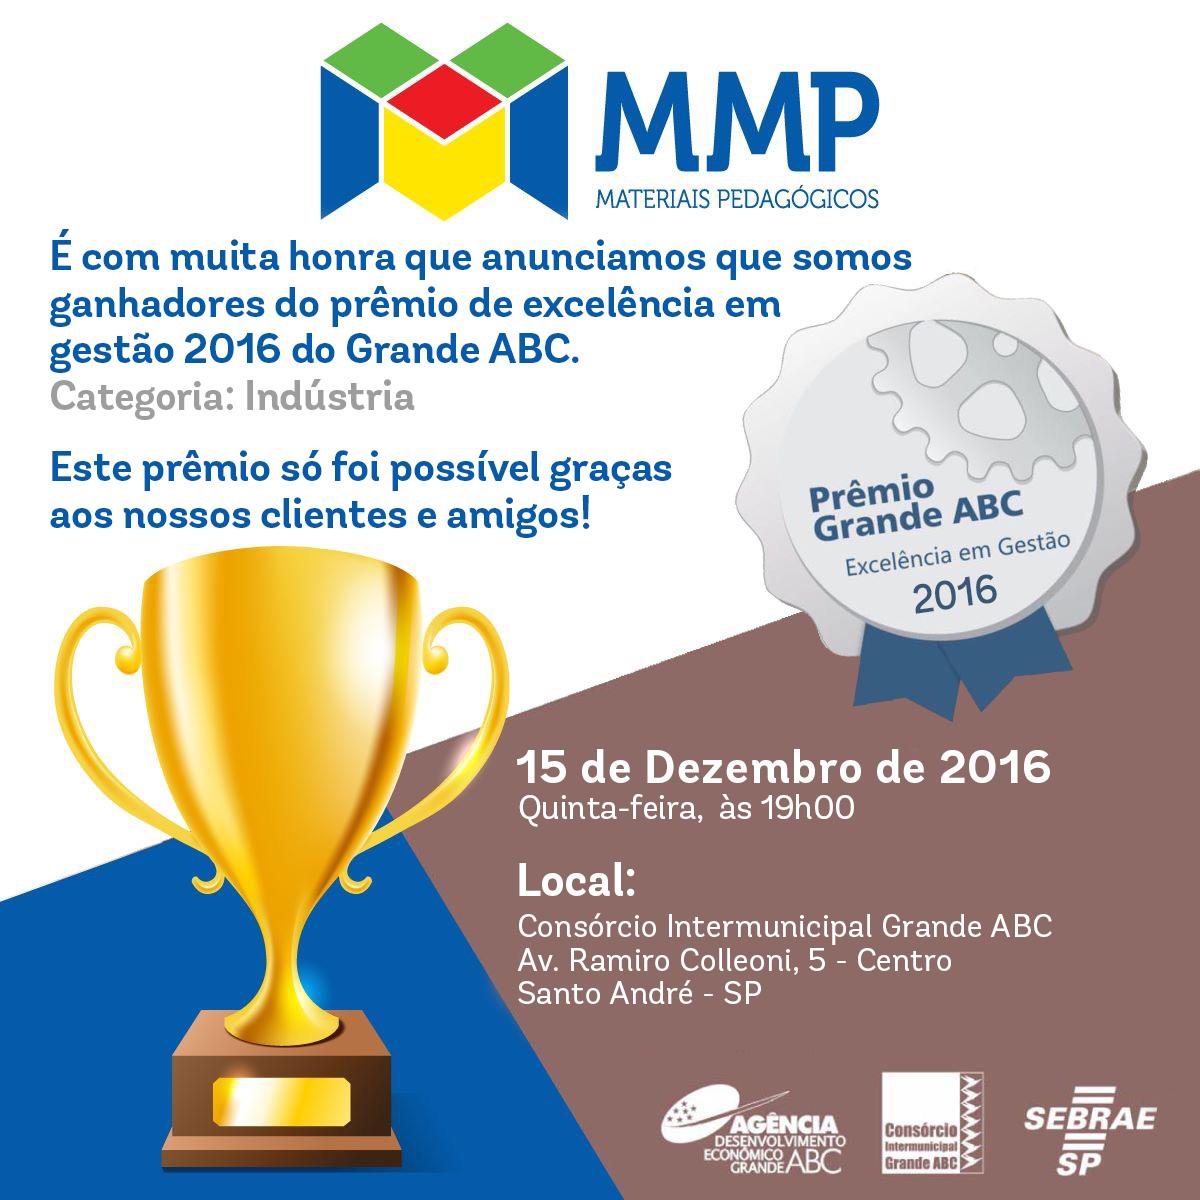 premio-MMP